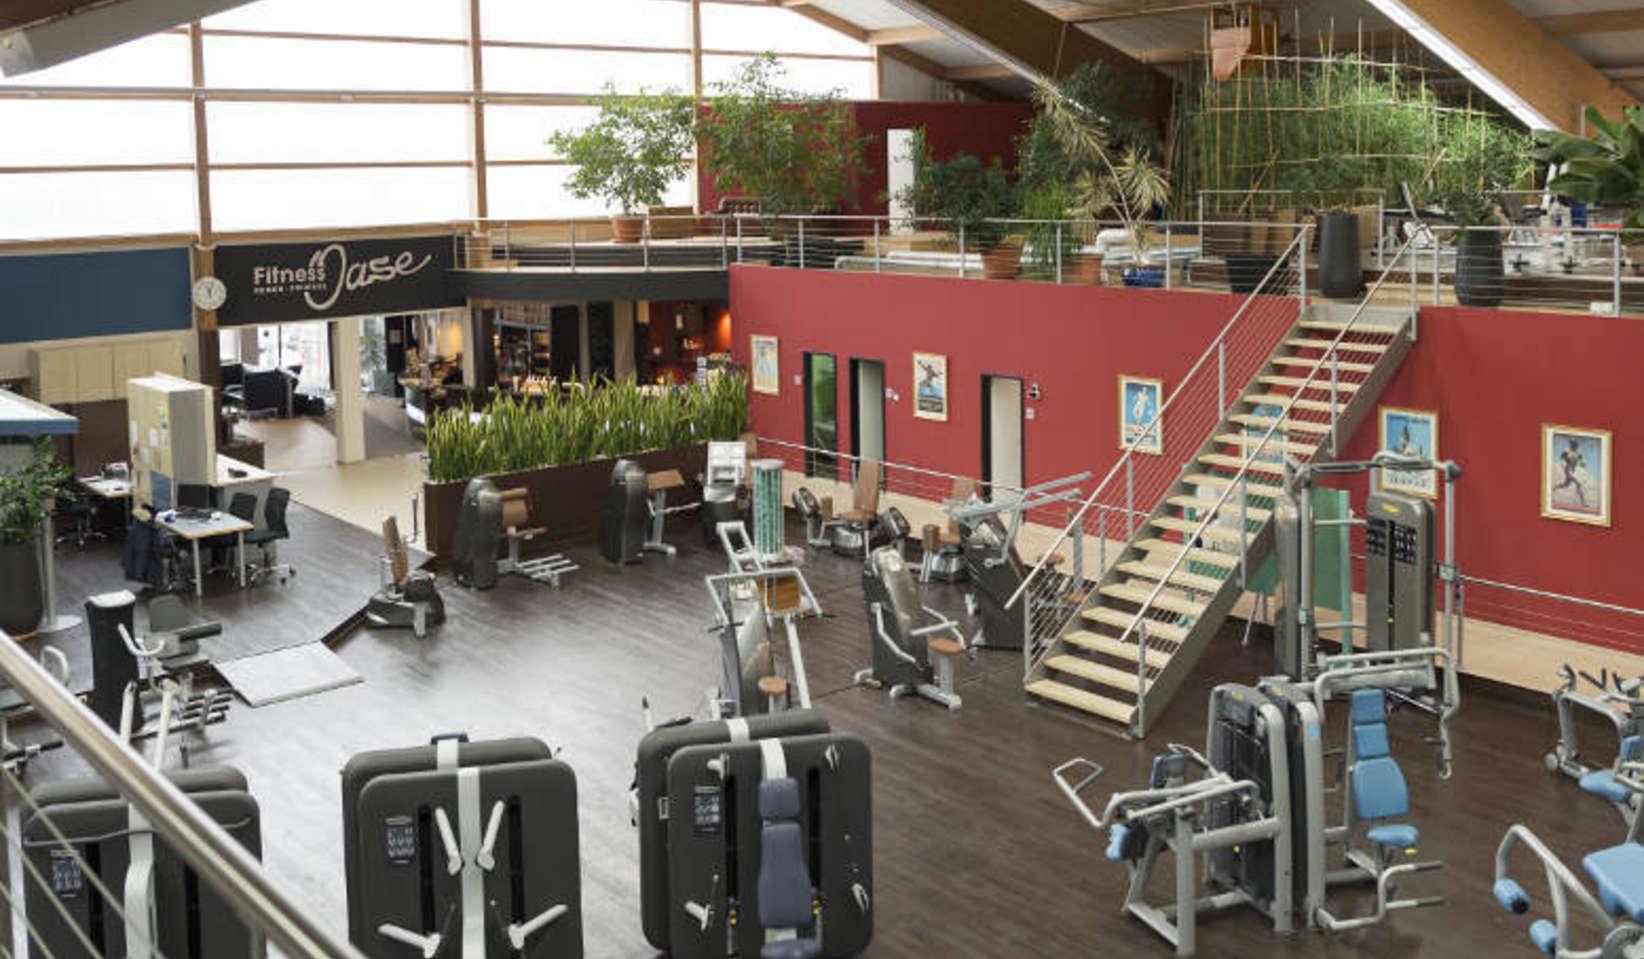 Fitnessstudio geräte  Fitnessstudio B Fit Langdorf